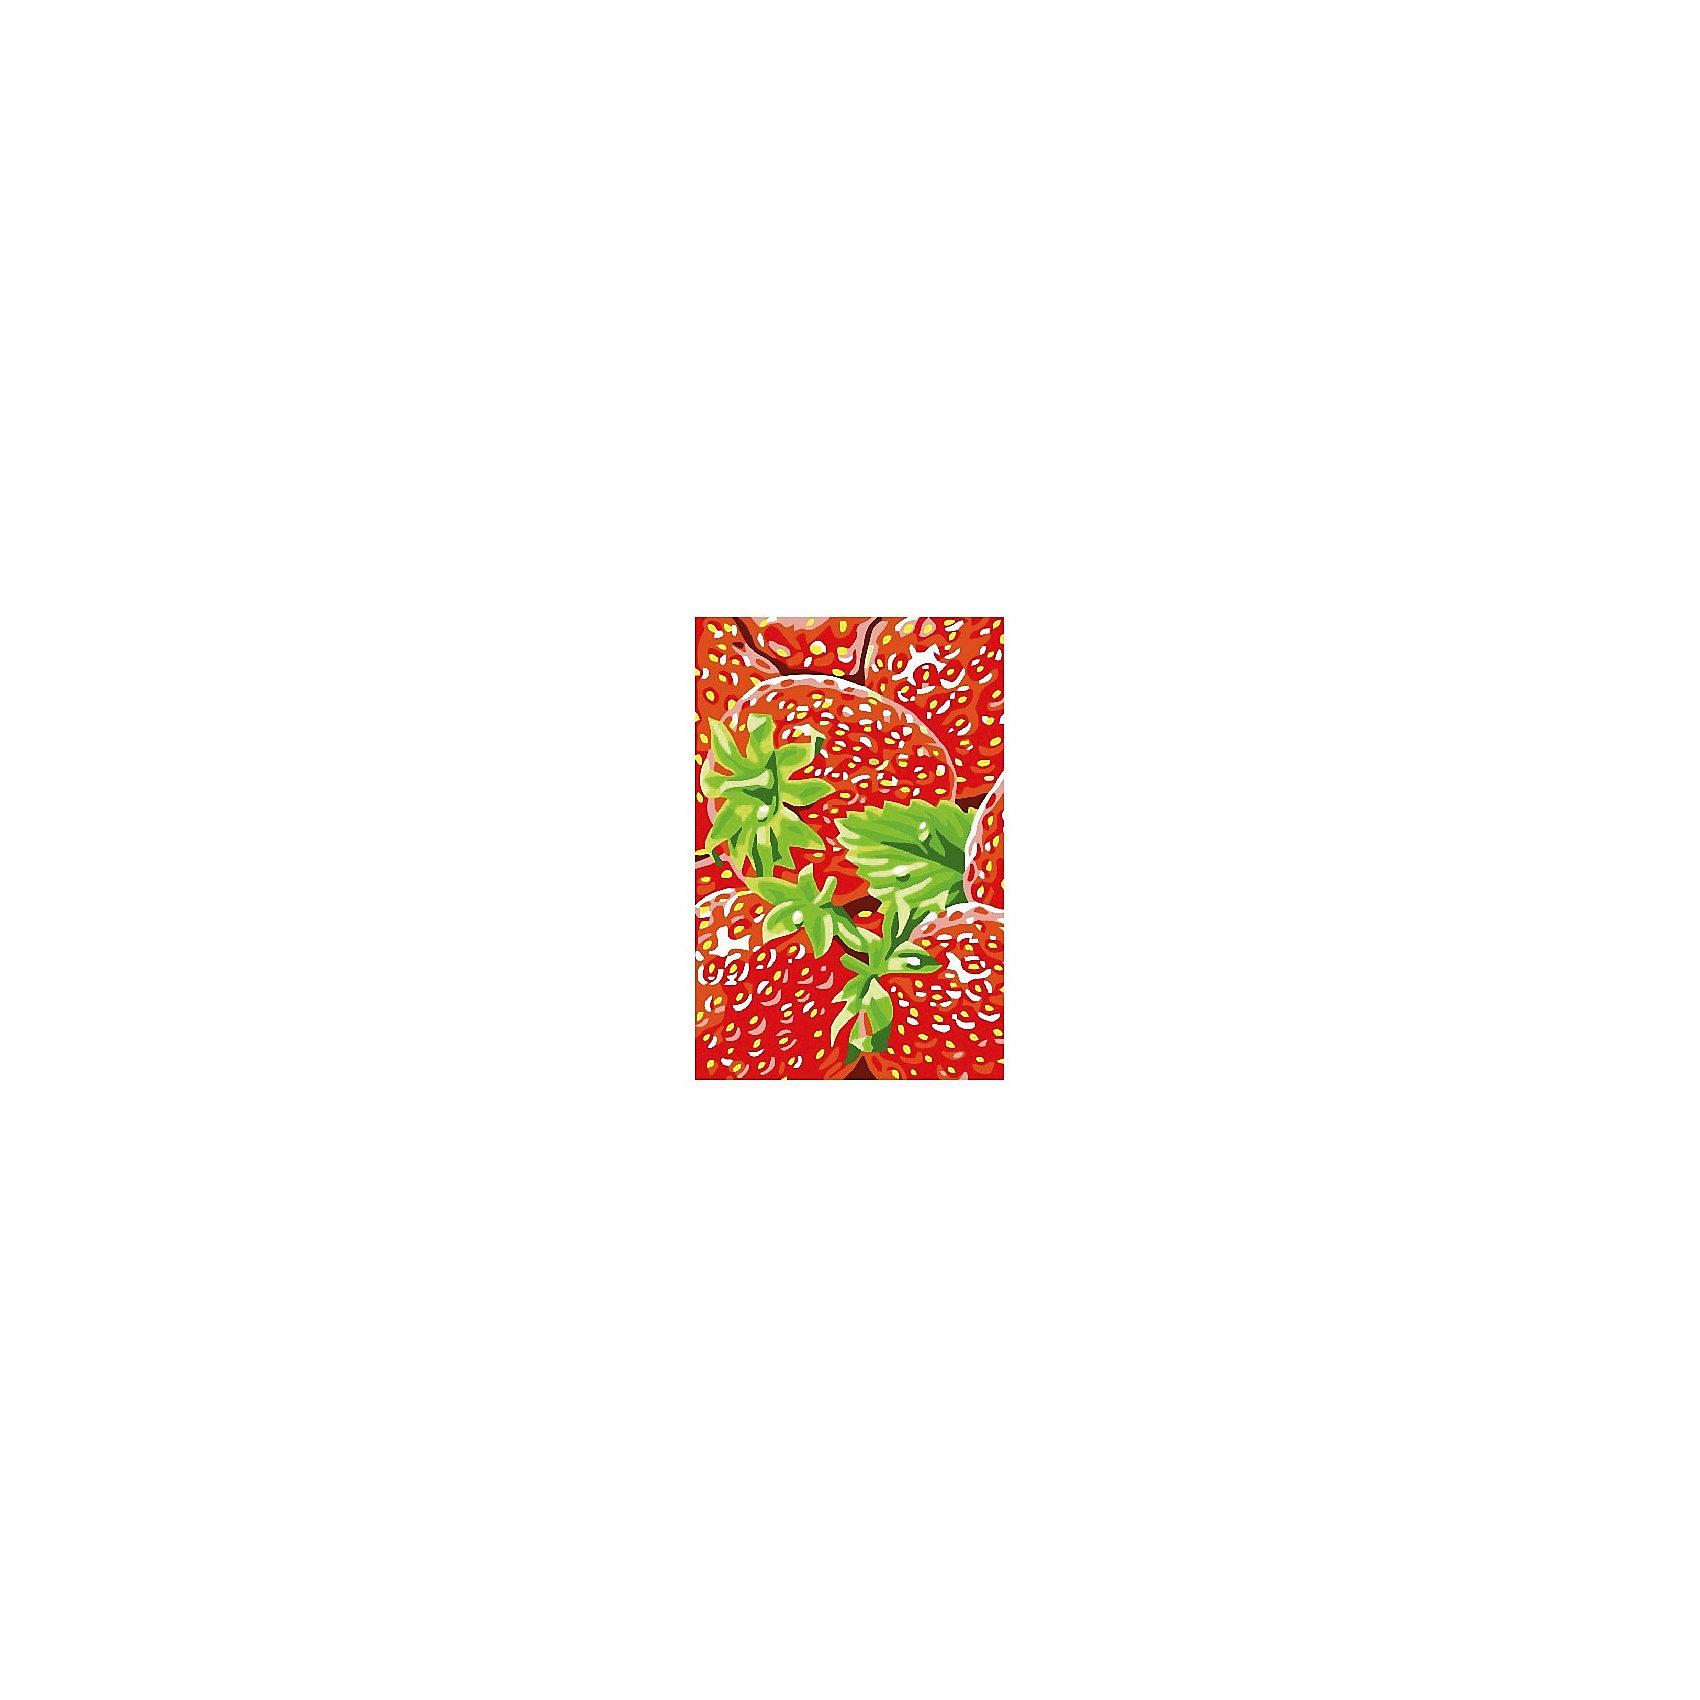 Набор юного художника Клубника, 20*30 смРисование<br>Характеристики товара:<br><br>• материал упаковки: картон <br>• в комплект входит: холст, акриловые краски, 3 кисти<br>• возраст: от 5 лет<br>• вес: 330 г<br>• размер картинки: 20х30 см<br>• габариты упаковки: 30х20х3 см<br>• страна производитель: Китай<br><br>Картины по номерам совсем недавно появились на рынке, но уже успели завоевать популярность. Закрашивая черно-белые места на картинке, ребенок получит полноценную картину и опыт художественного мастерства. Материалы, использованные при изготовлении товаров, проходят проверку на качество и соответствие международным требованиям по безопасности. <br><br>Набор юного художника Клубника, 20*30 см можно купить в нашем интернет-магазине.<br><br>Ширина мм: 300<br>Глубина мм: 200<br>Высота мм: 30<br>Вес г: 330<br>Возраст от месяцев: 60<br>Возраст до месяцев: 2147483647<br>Пол: Унисекс<br>Возраст: Детский<br>SKU: 5417631